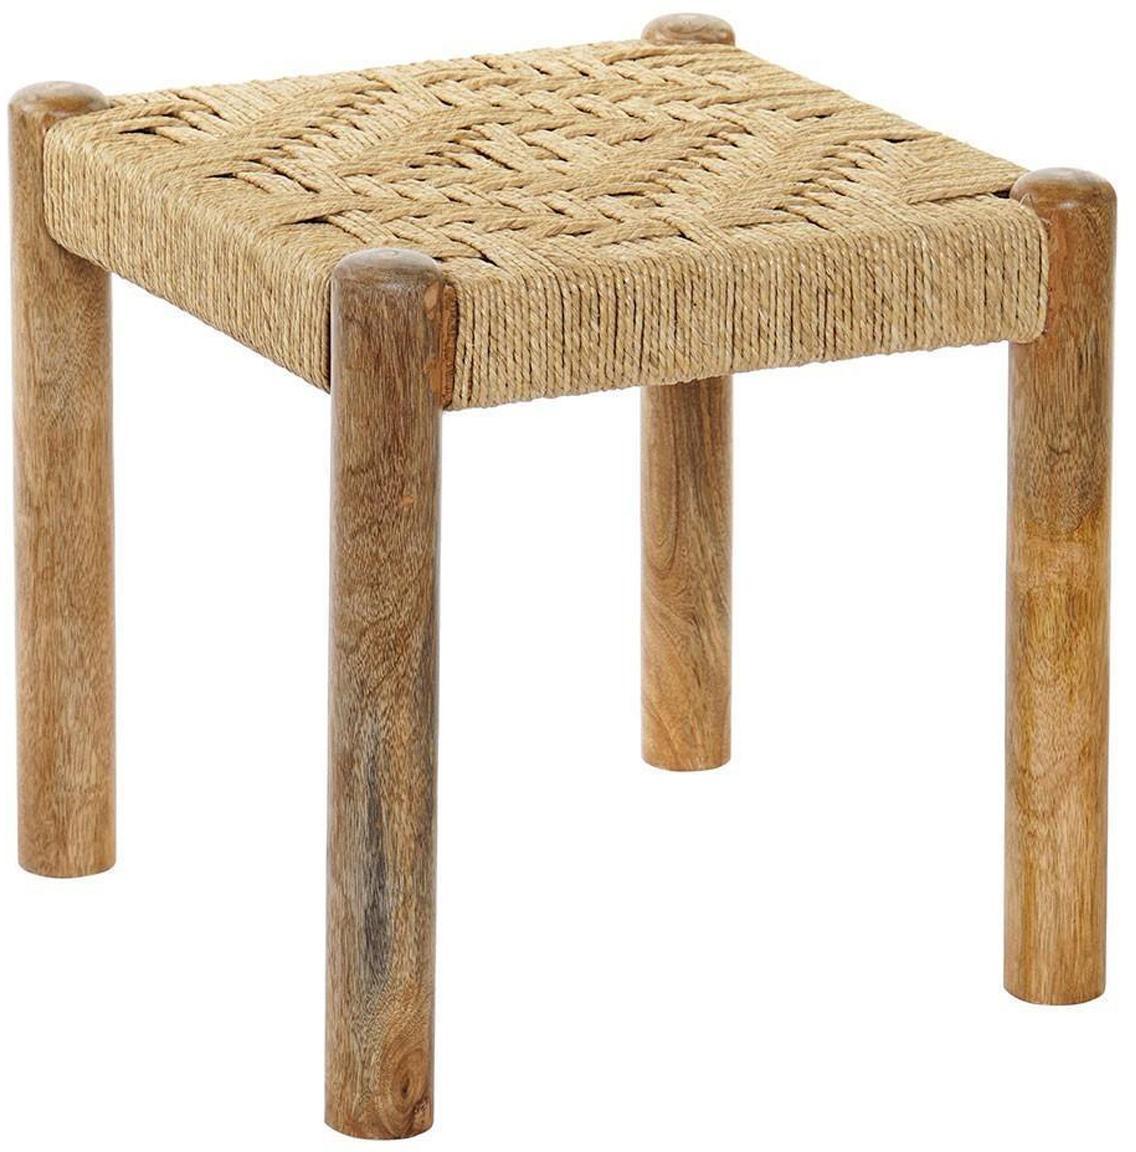 Taburete Bohmi, Patas: madera, Asiento: cuerda, Beige, An 40 x Al 40 cm